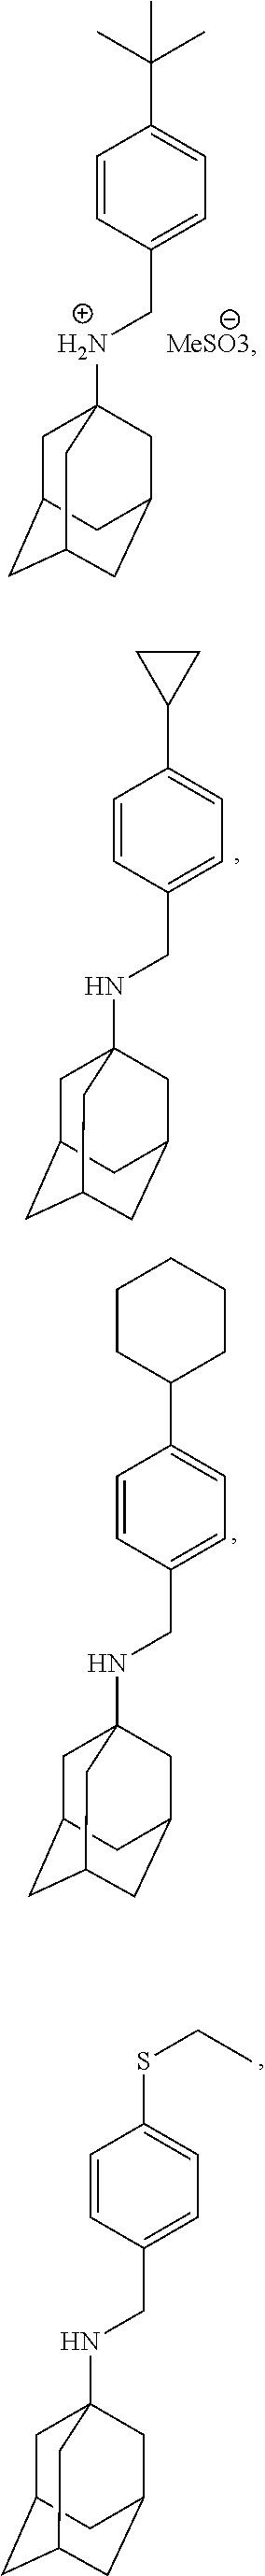 Figure US09884832-20180206-C00028